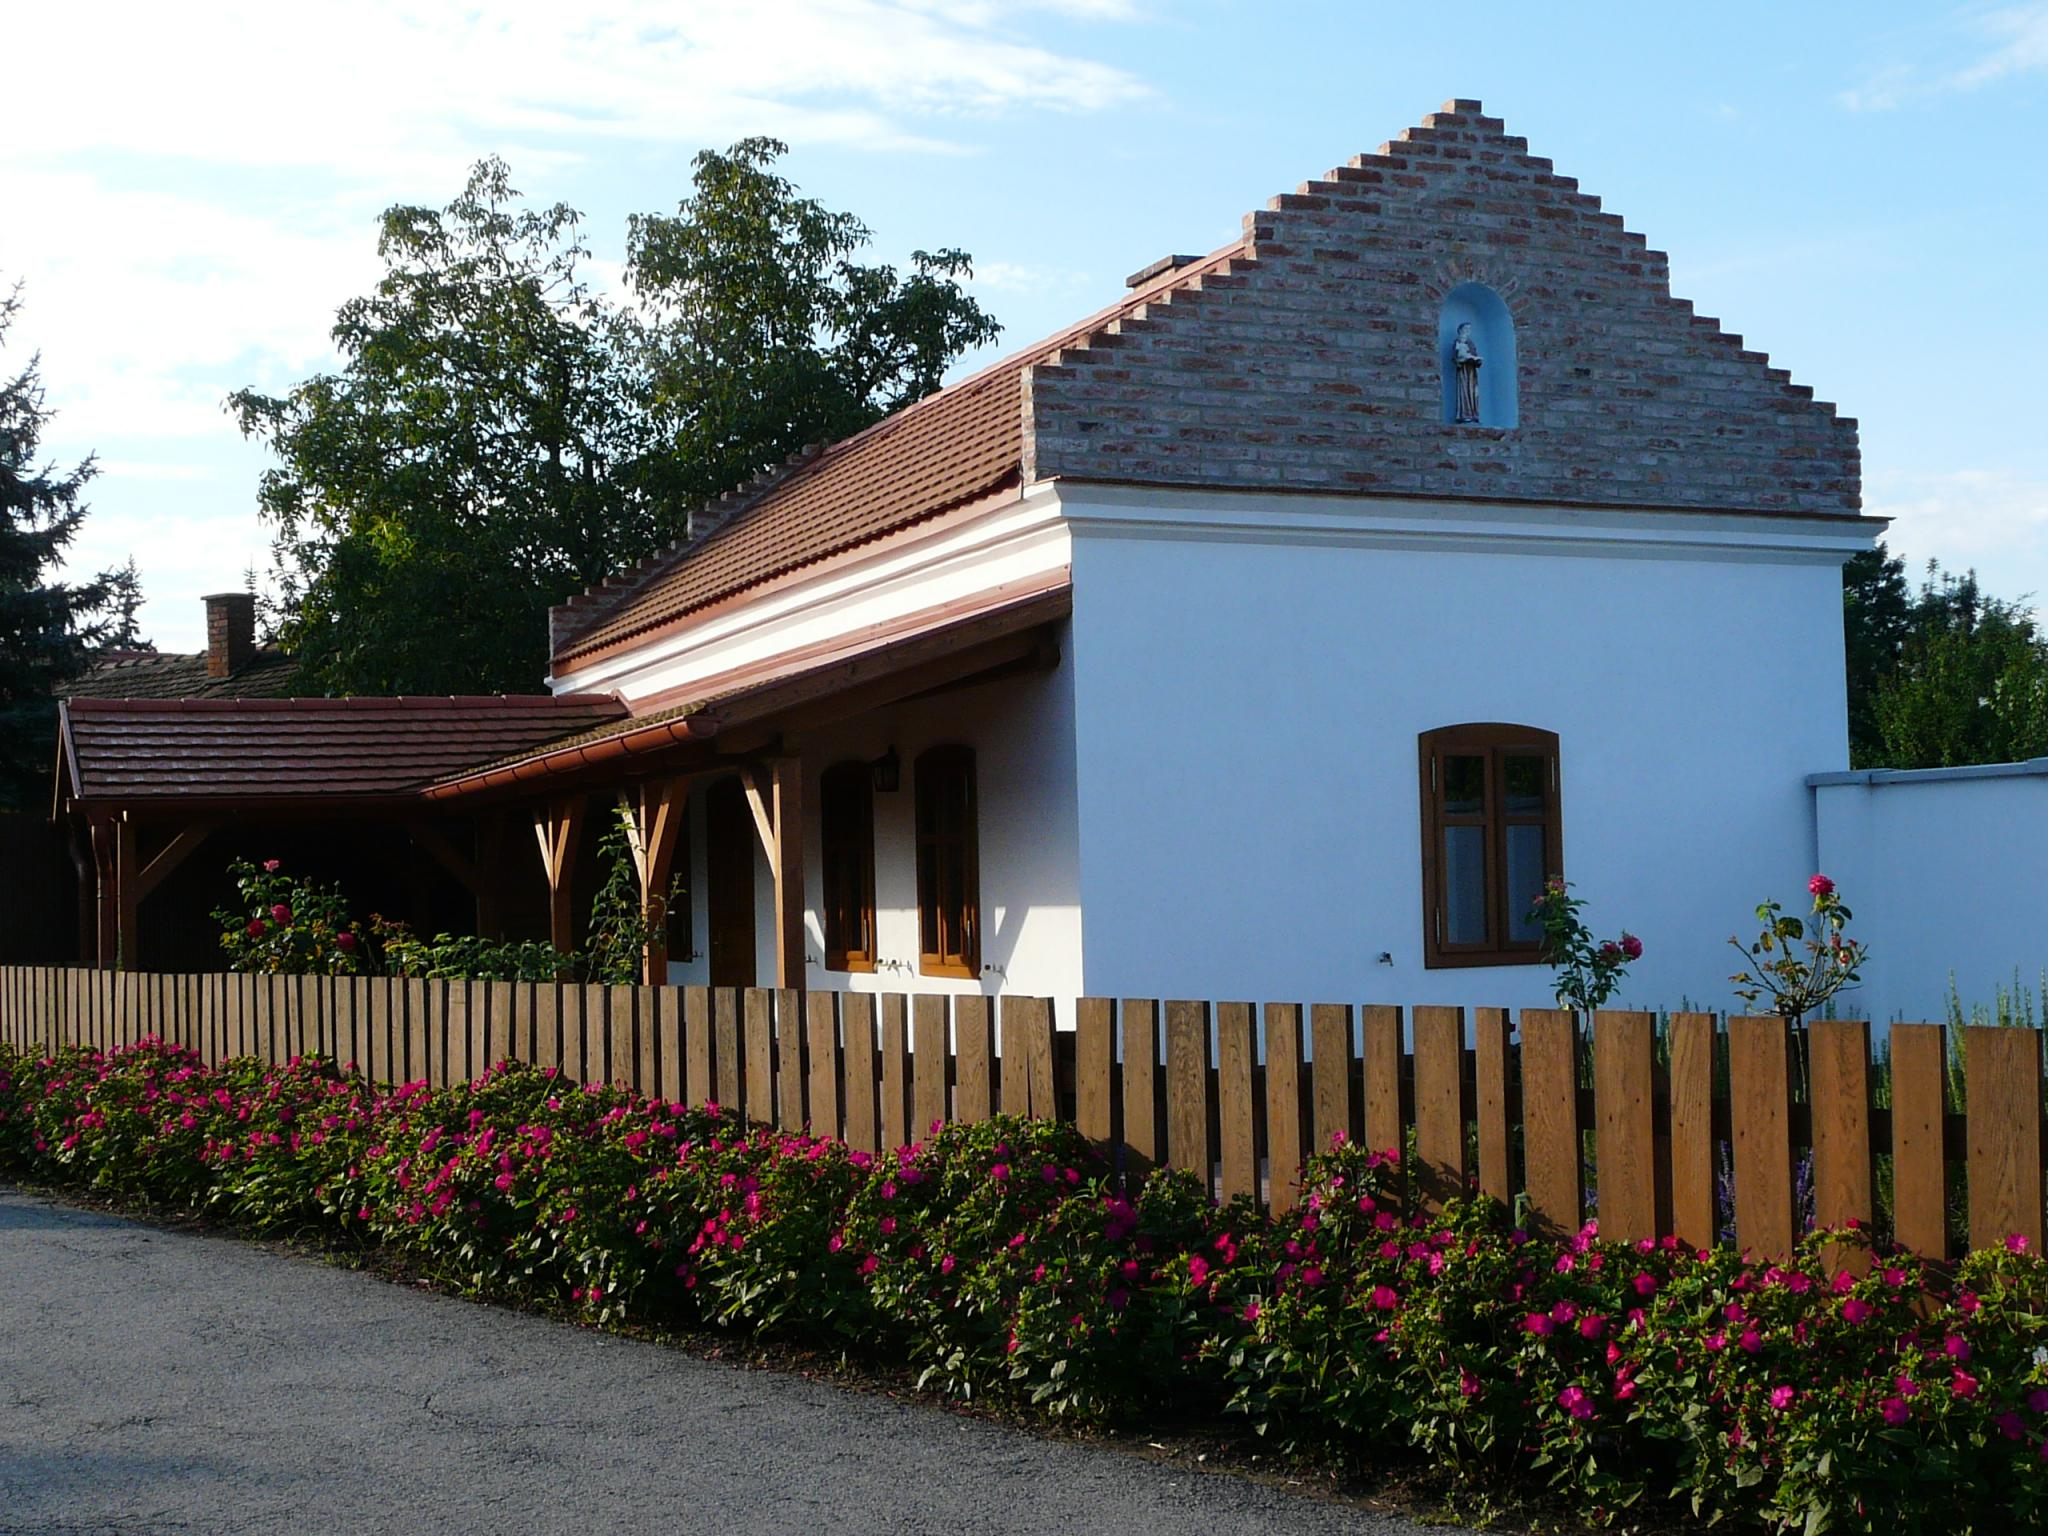 Szent Antal Sütőház